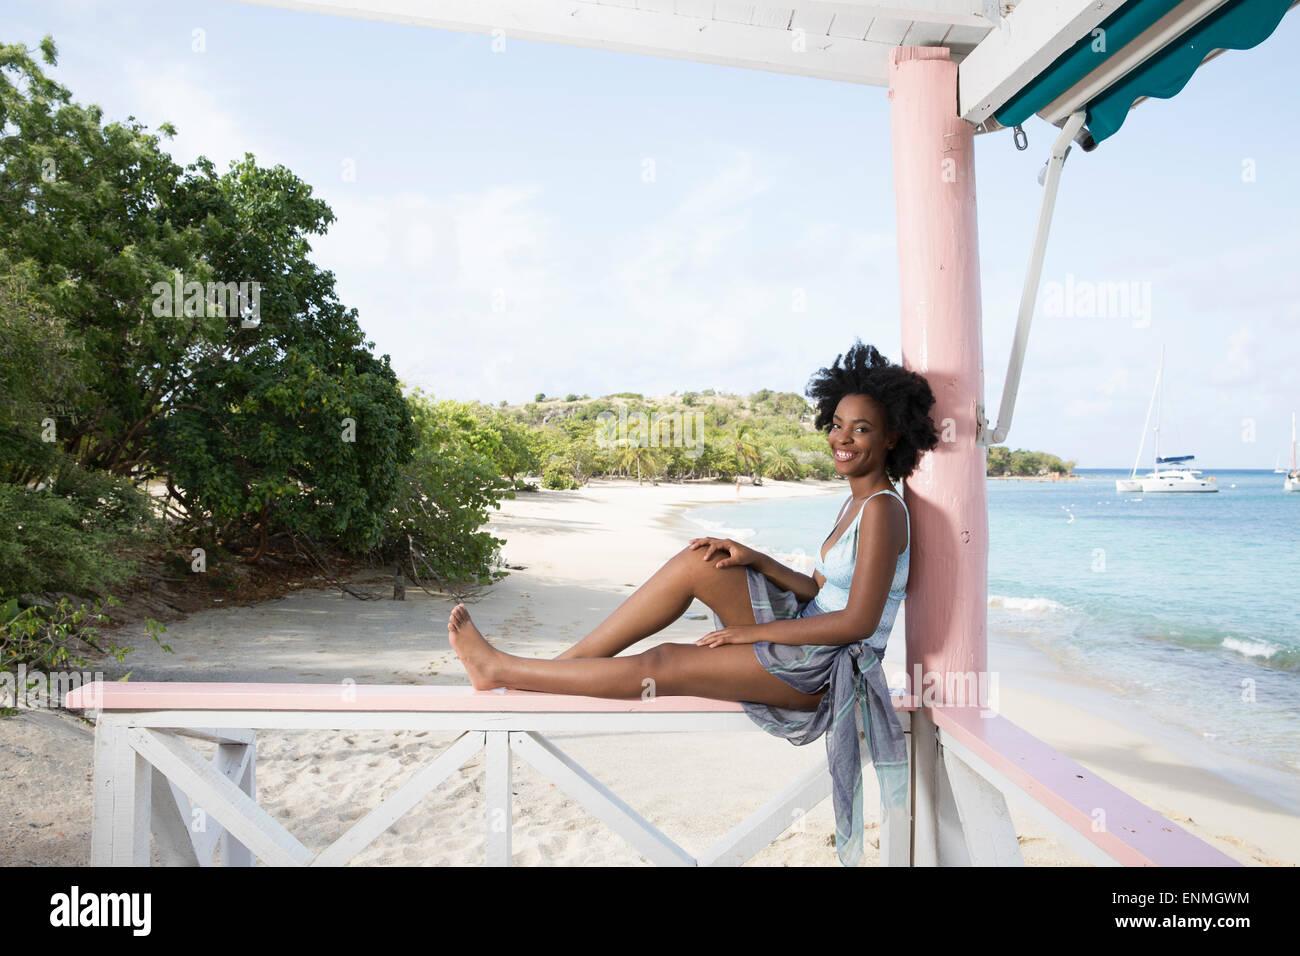 Joven negra sentado en el cerco en el bar de la playa, sonriendo a la cámara Foto de stock